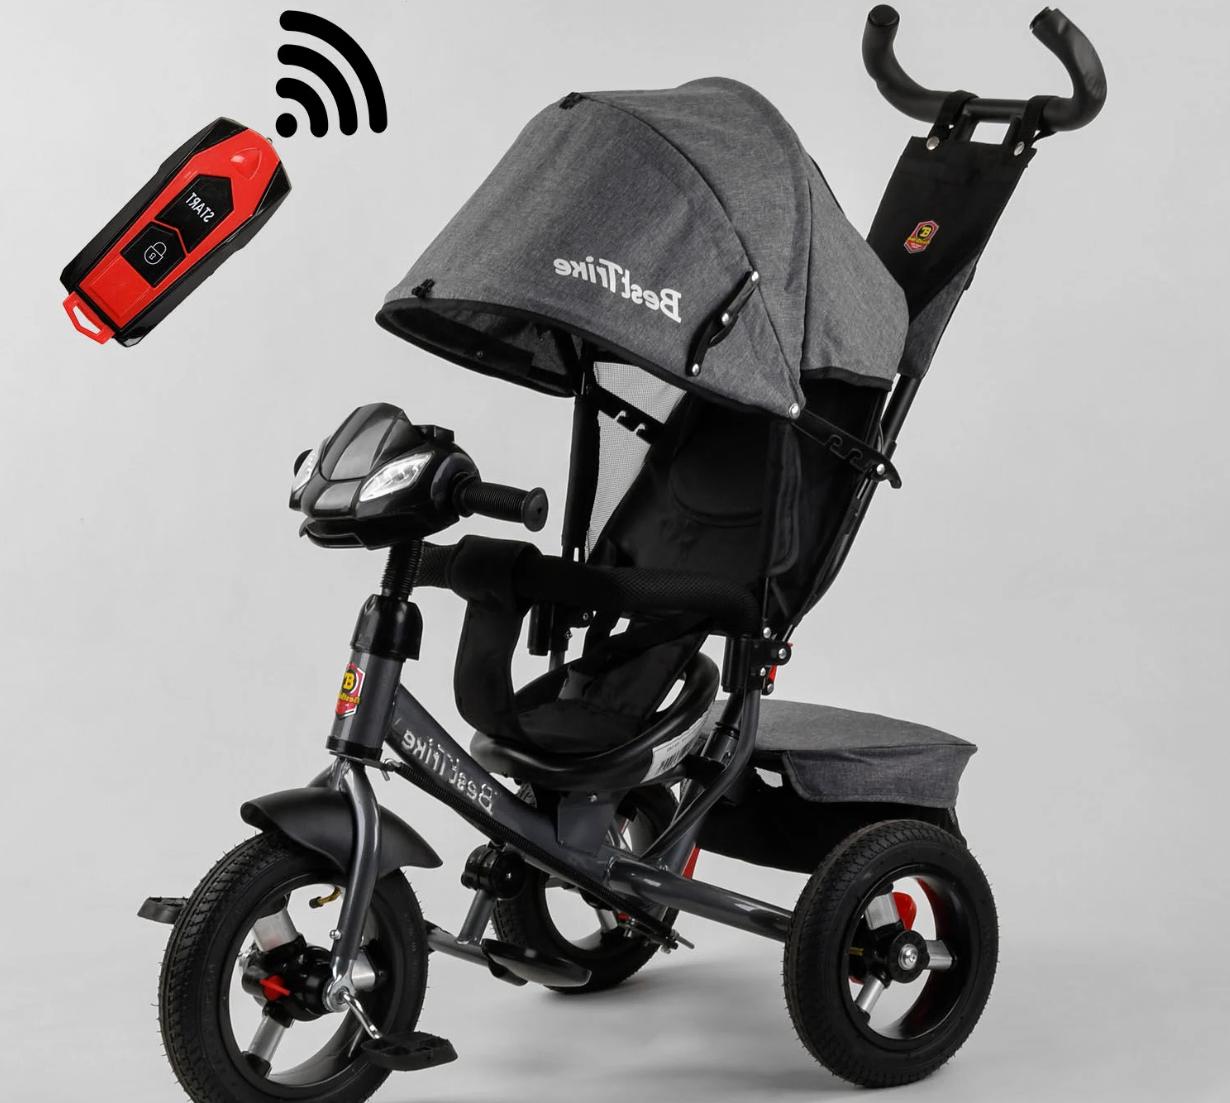 Детский трехколесный велосипед, надувные колеса, фара Usb, пульт, защитный козырек, Best Trike 3390 / 43-565